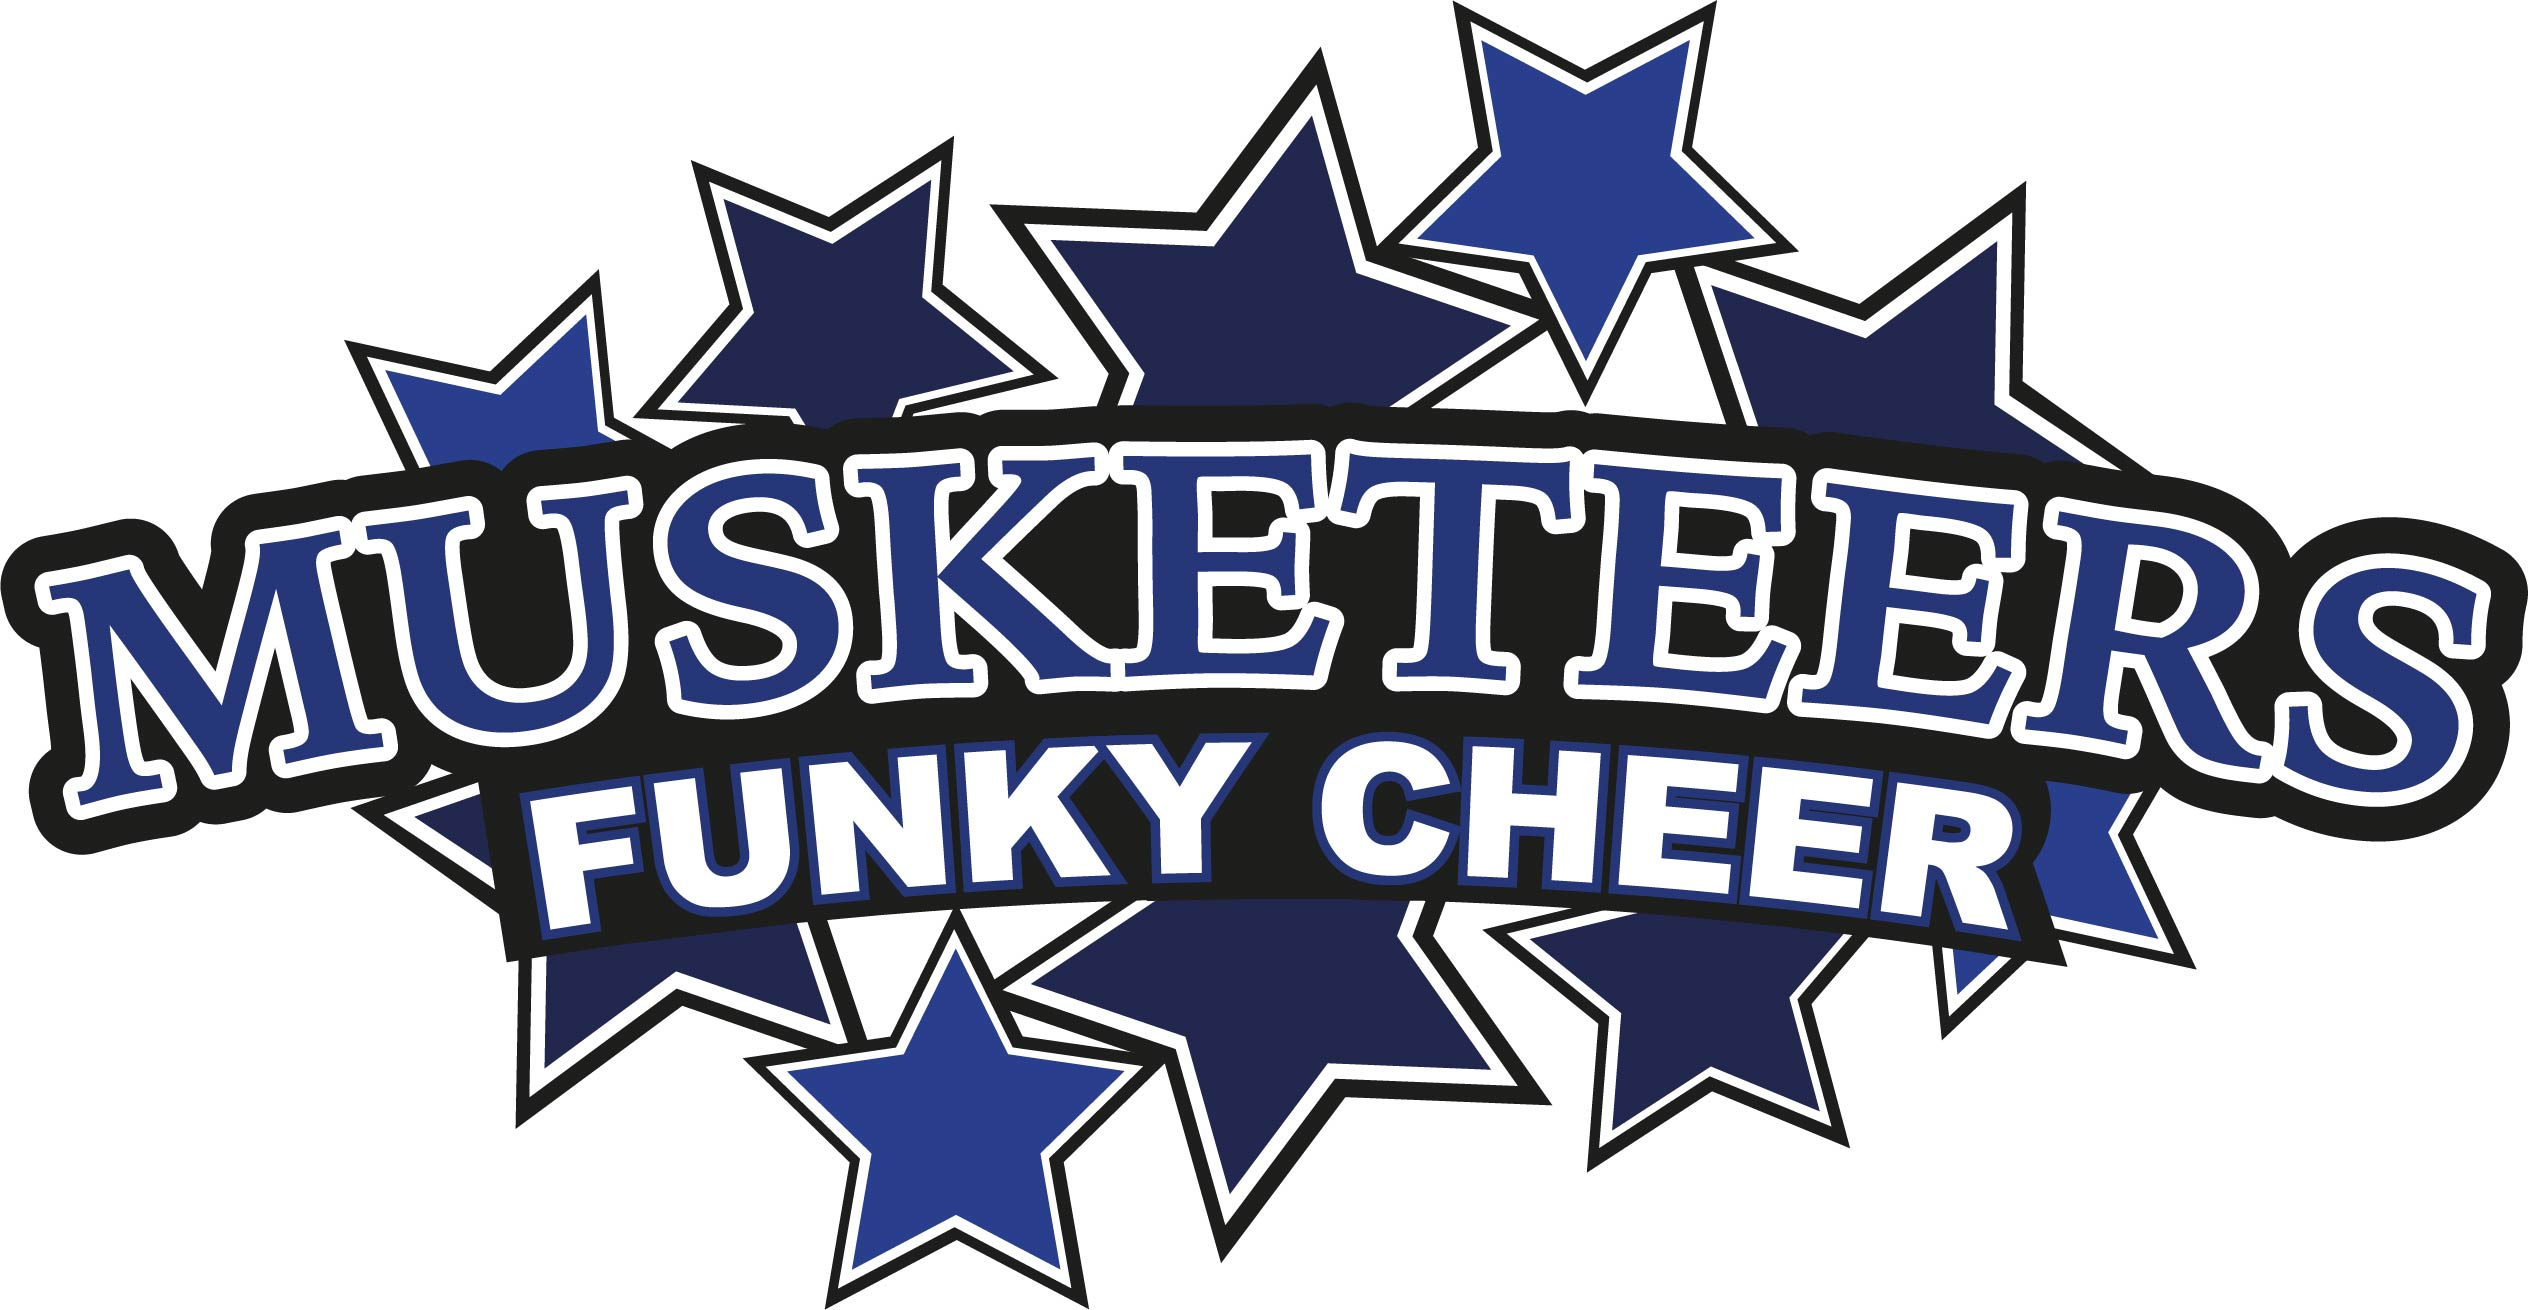 Musketeers Funky Cheer